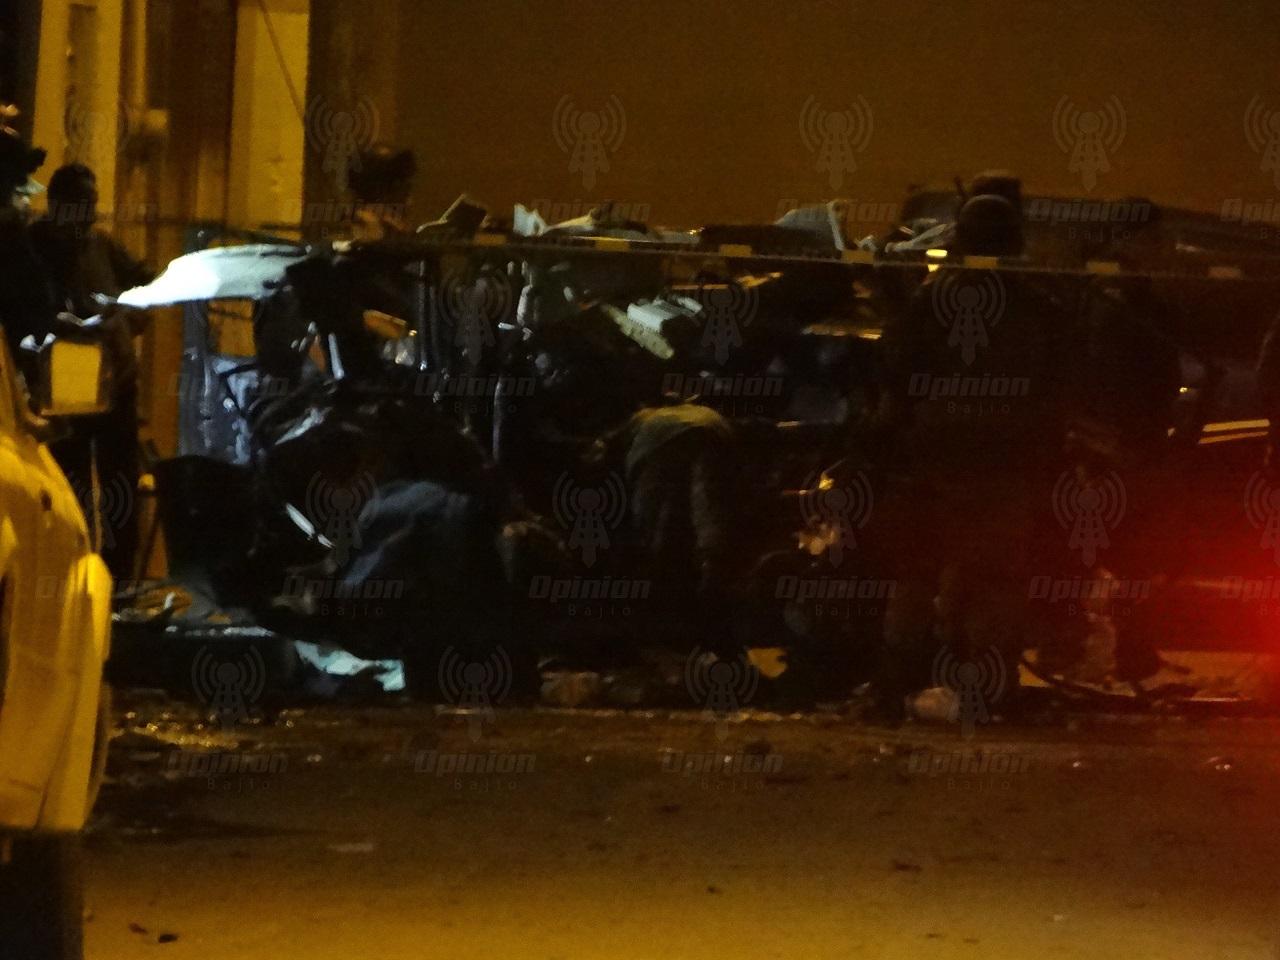 Sin avances, investigación de granadazos contra camioneta